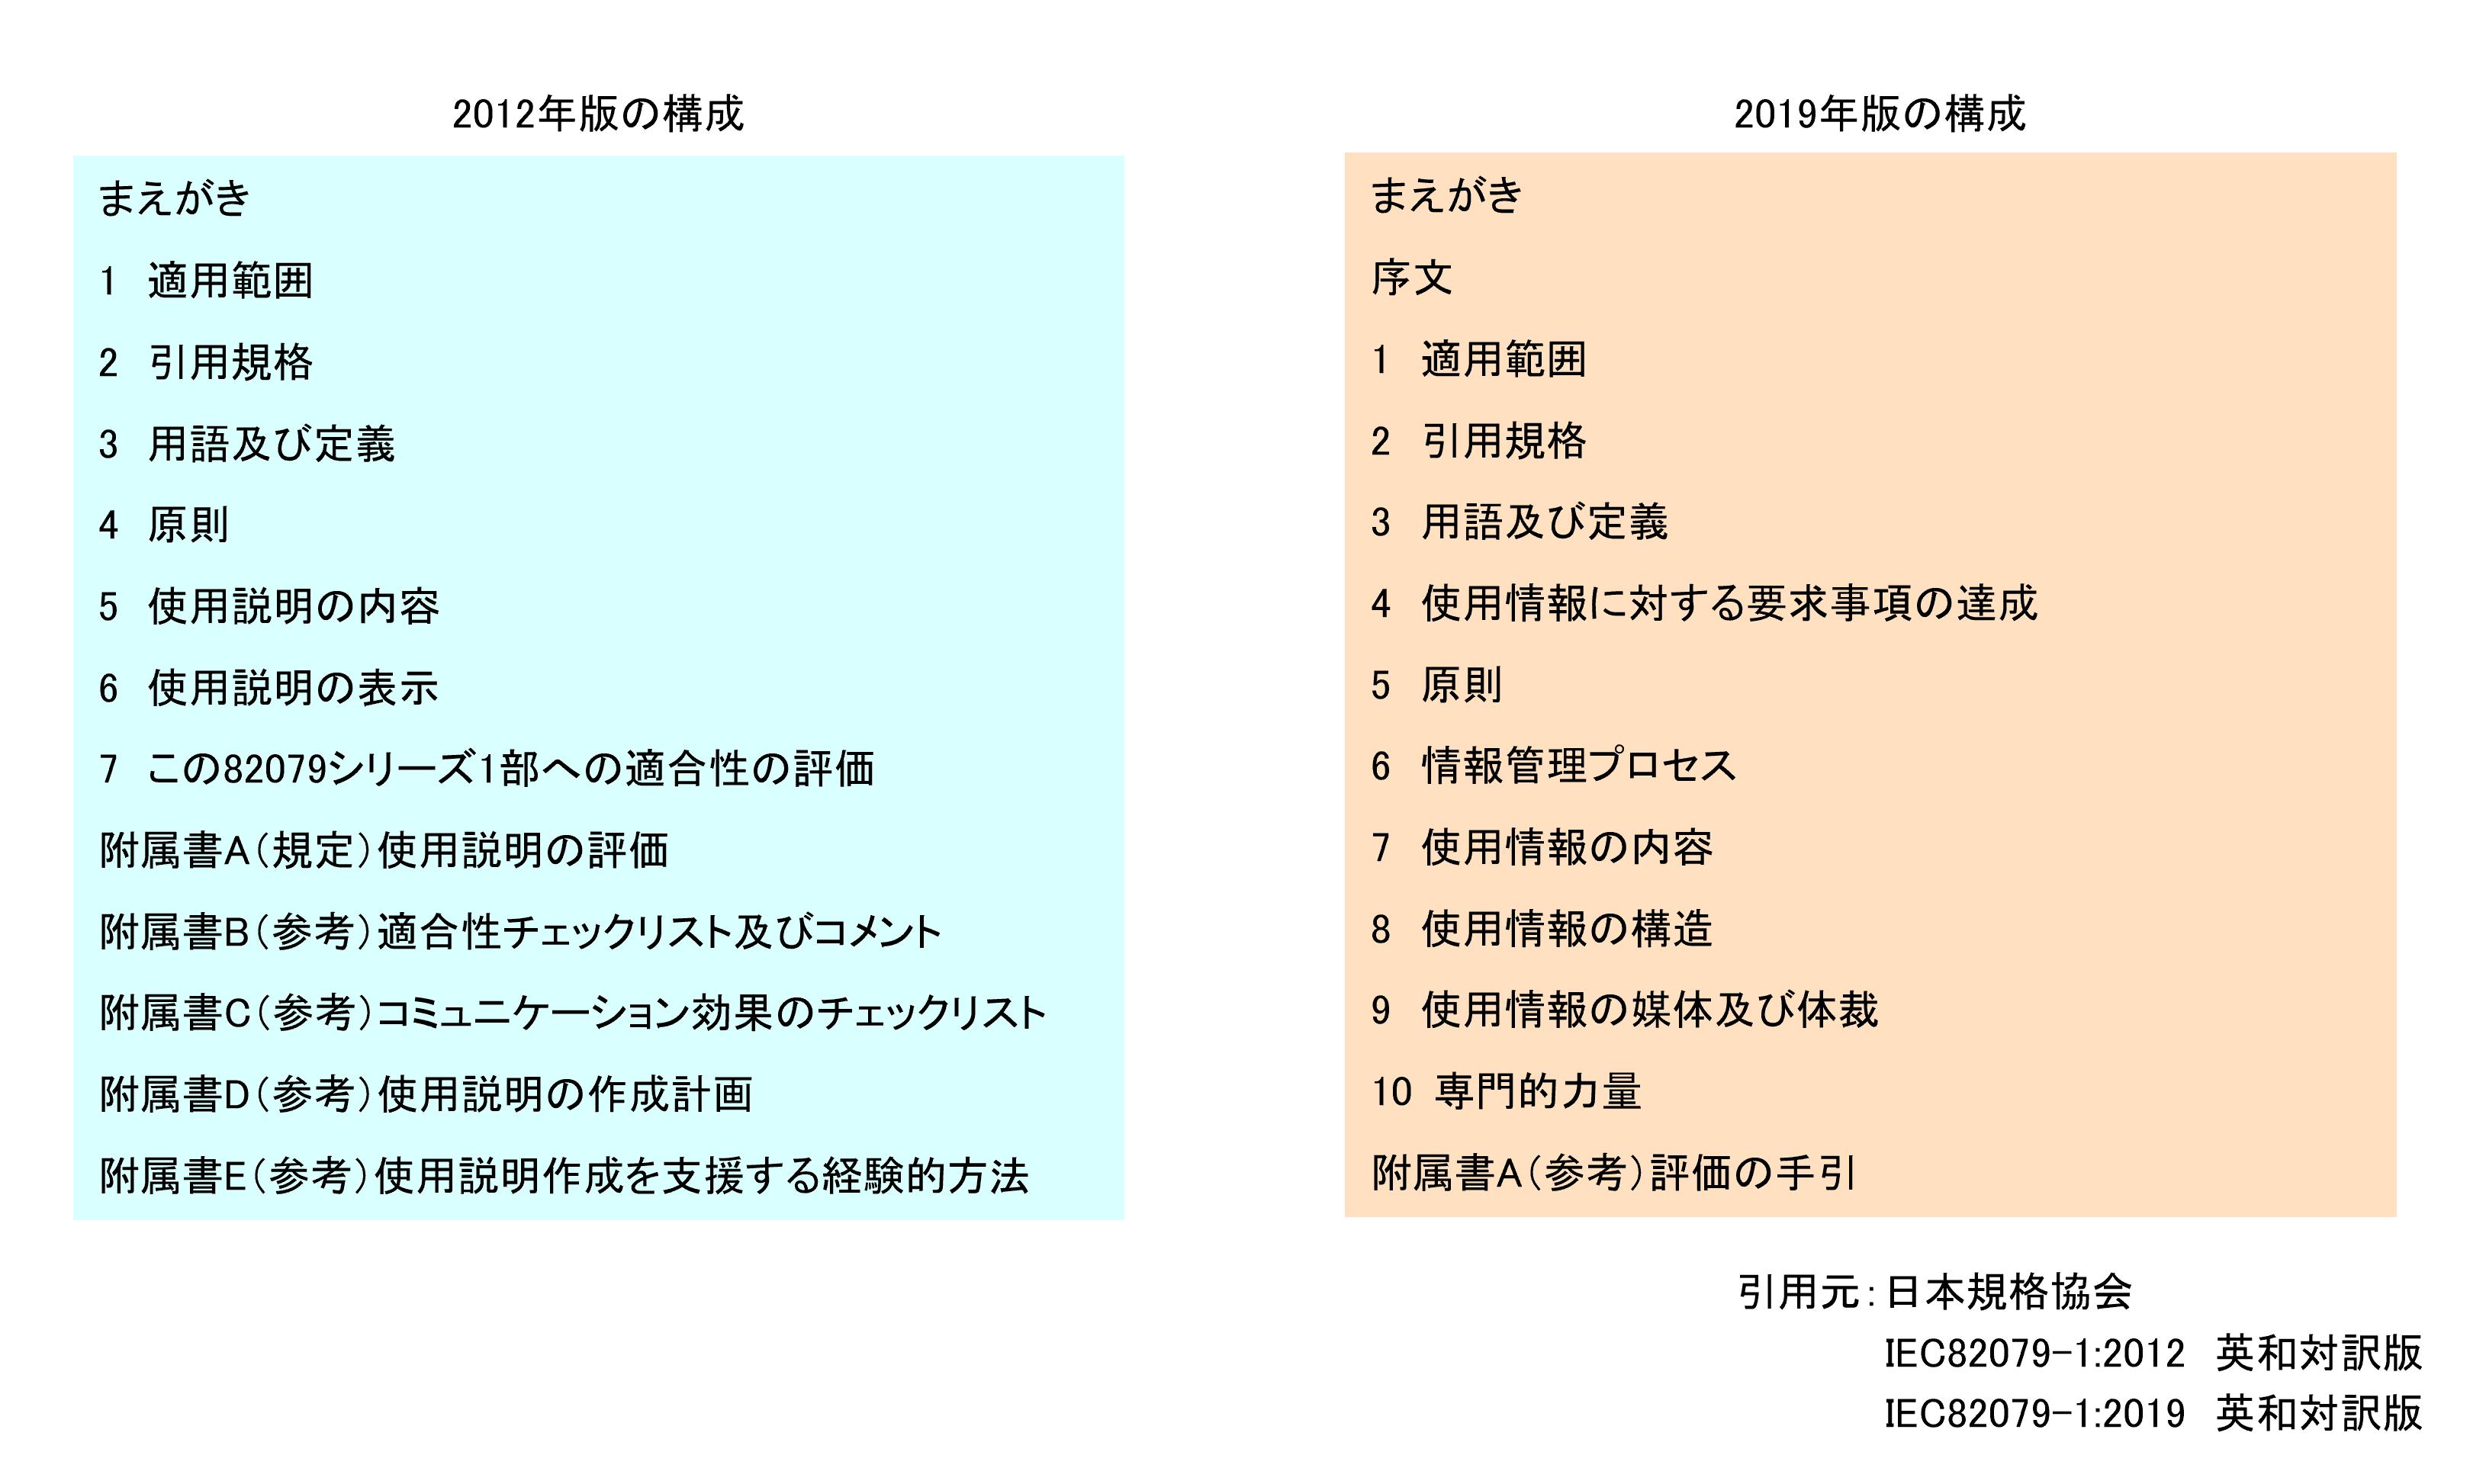 規格の構成